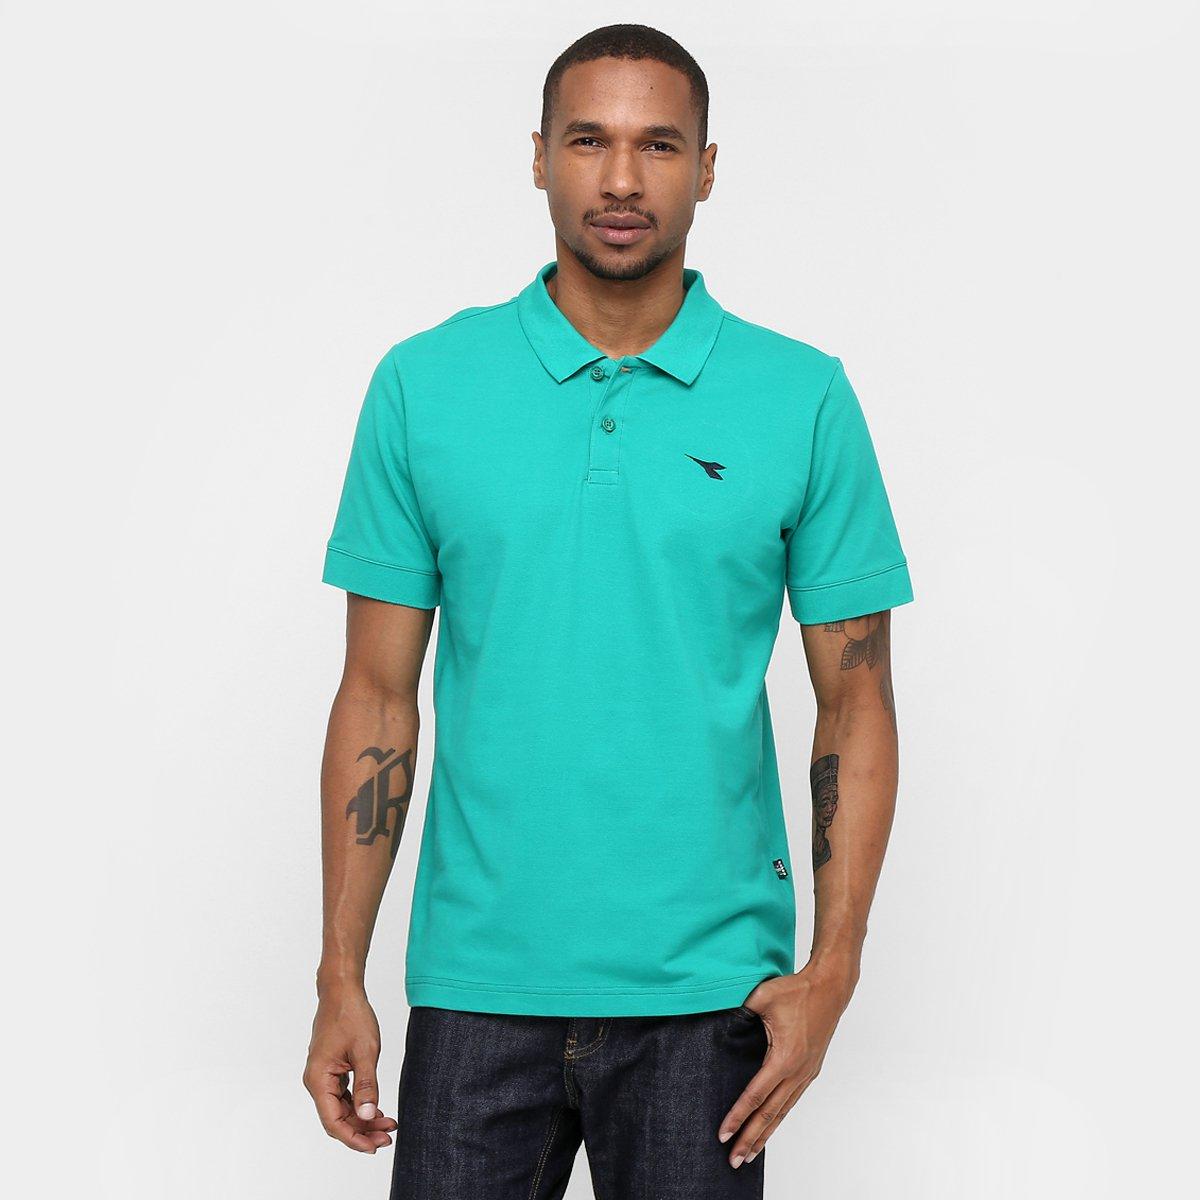 6536e55d9576c Camisa Polo Diadora Basic - Compre Agora   Netshoes